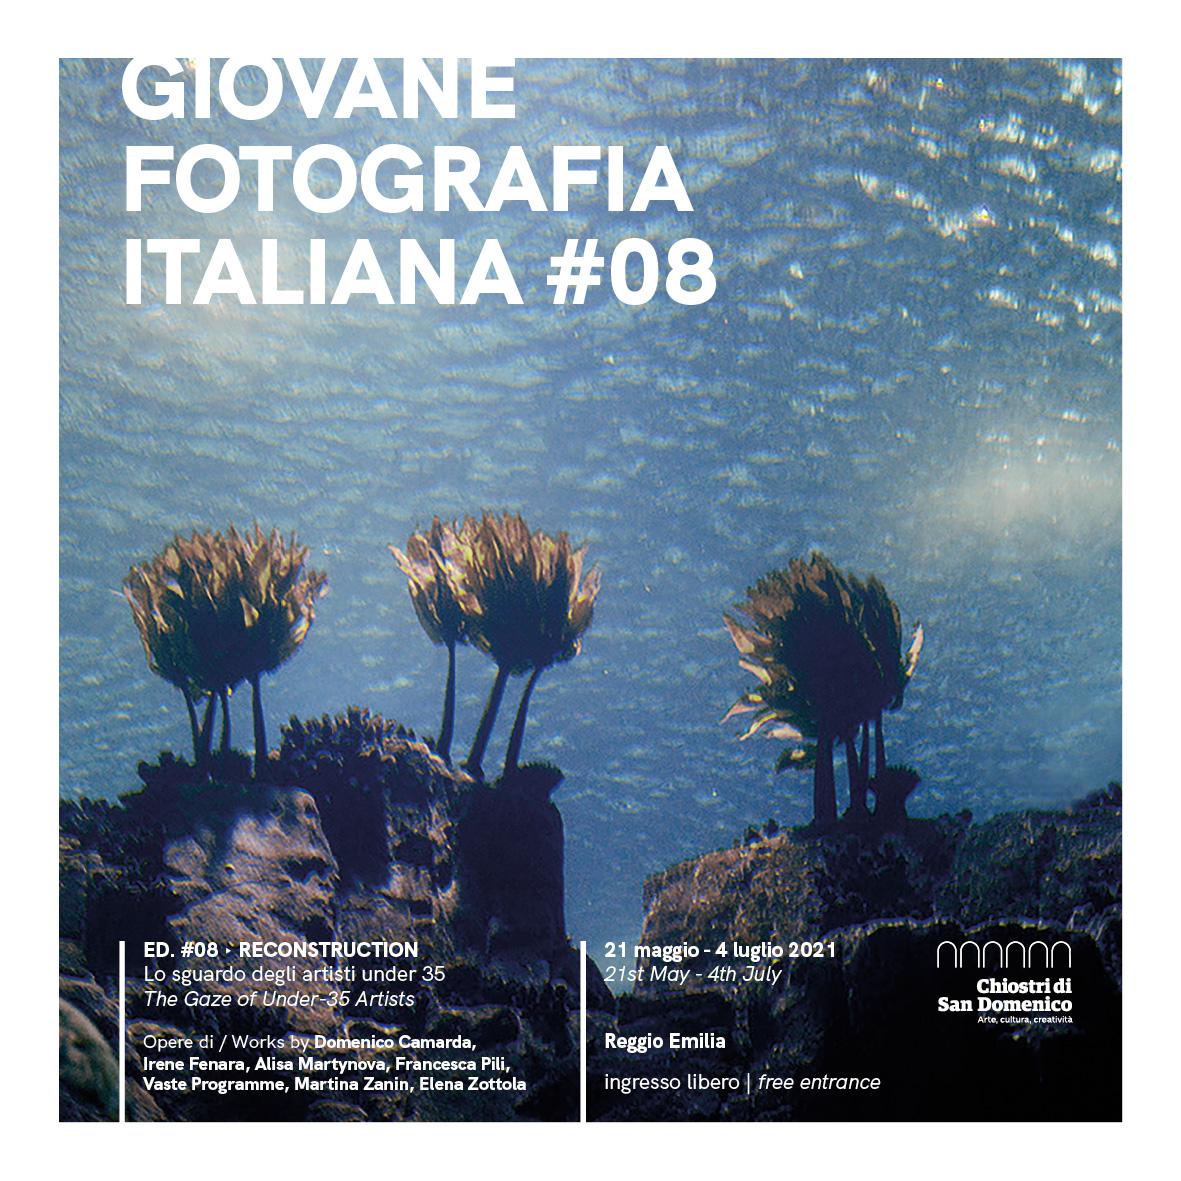 Giovane Fotografia Italiana #08 RECONSTRUCTION